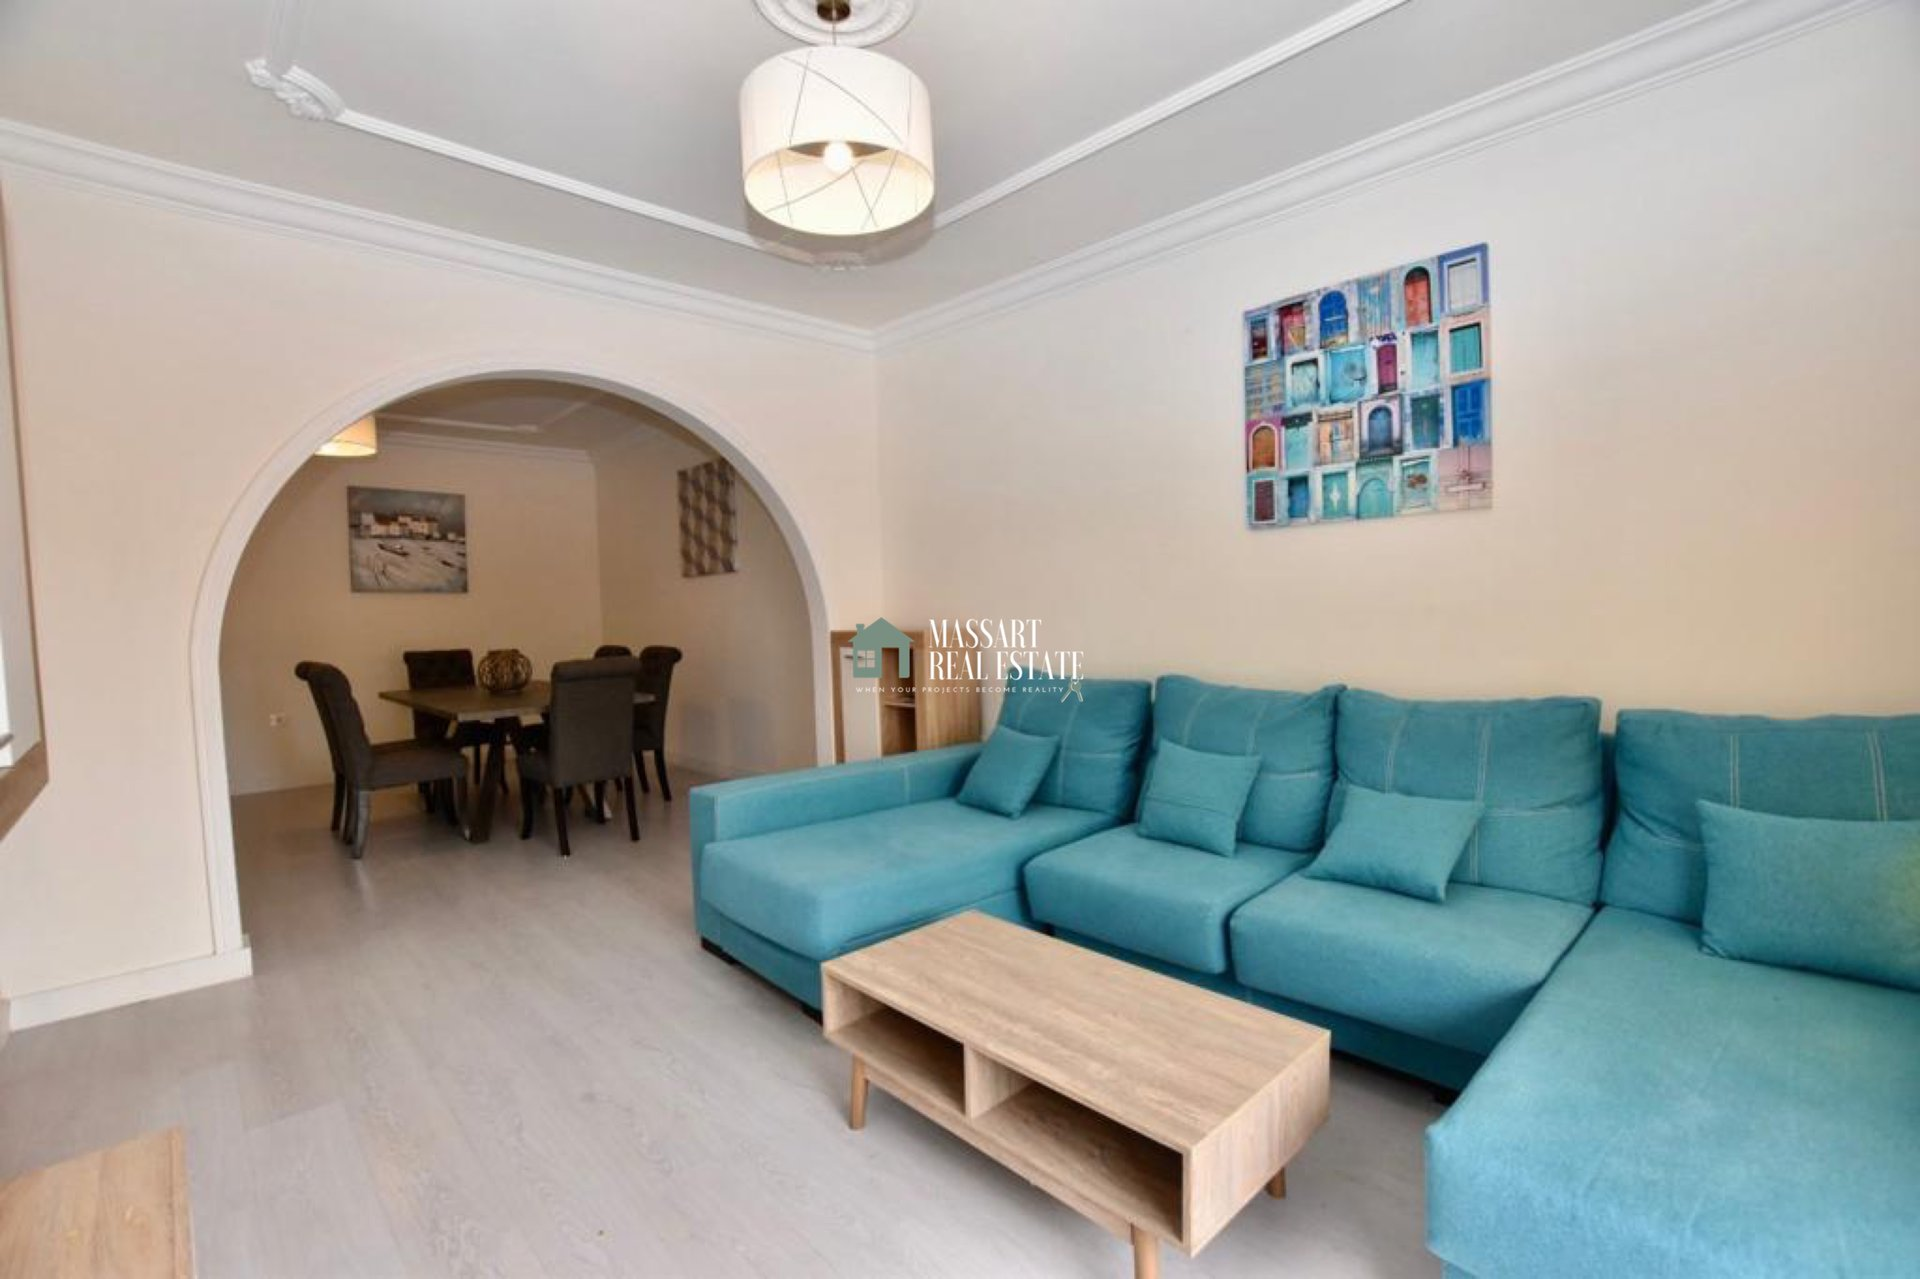 Appartamento di 156 m2 caratterizzato dalla sua posizione strategica, nel centro di Adeje, nonché dalla sua luminosità e buona distribuzione.